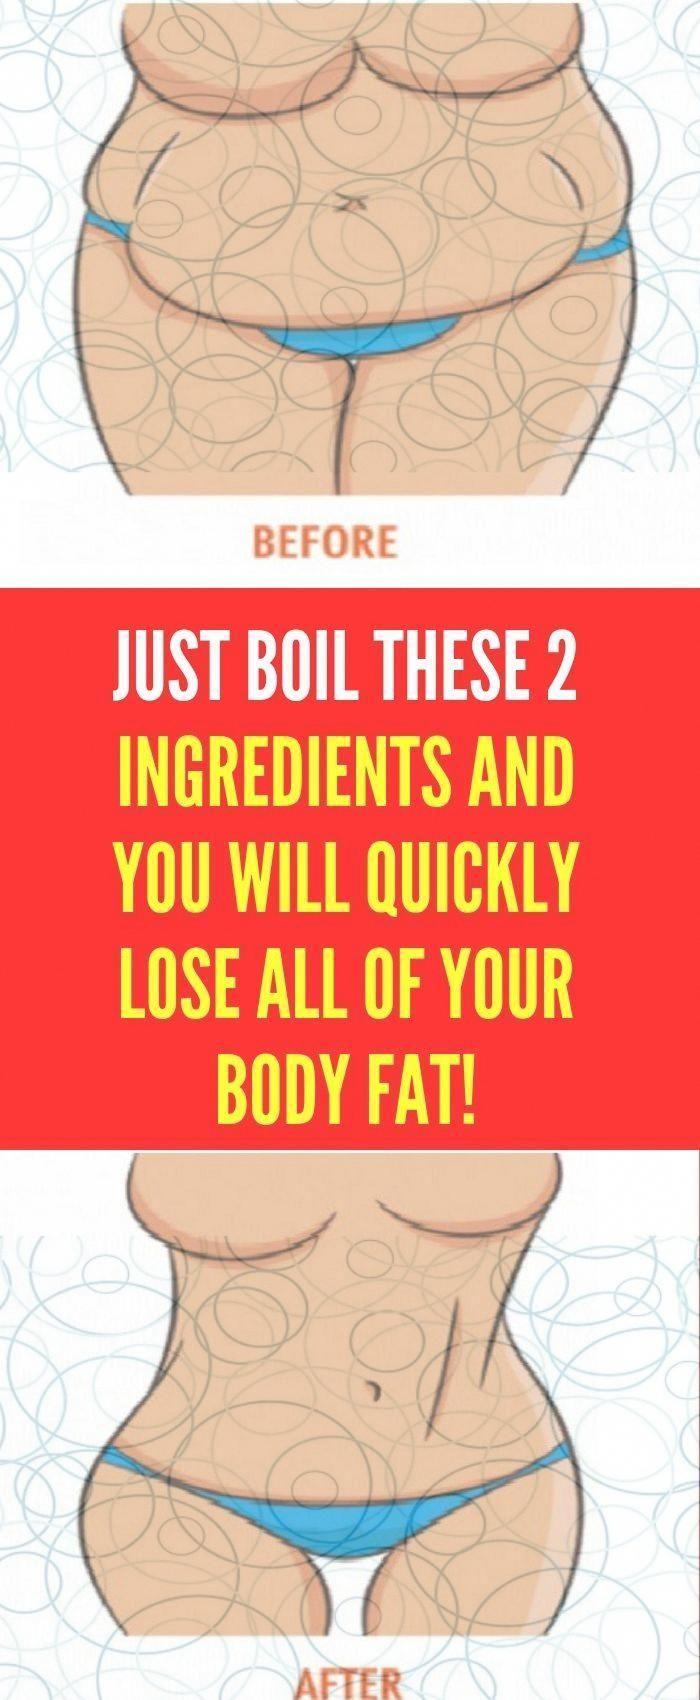 The Boiled Egg Diet Eg Verliere 24 Pfund in nur 2 Wochen #healthandfitness #health #boiledeggnutrition #Boiled #Diet #Egg #Health #healthandfitness #nur #Pfund #Verliere #Wochen The Boiled Egg Diet � Lose 24 Pounds In Just 2 Weeks #healthandfitness #health...        Die Diät mit gekochtem Ei, verlieren 24 Pfund in nur 2 Wochen #Gesundheit und Fitness #Gesundheit und Fitness #boiledeggnutrition